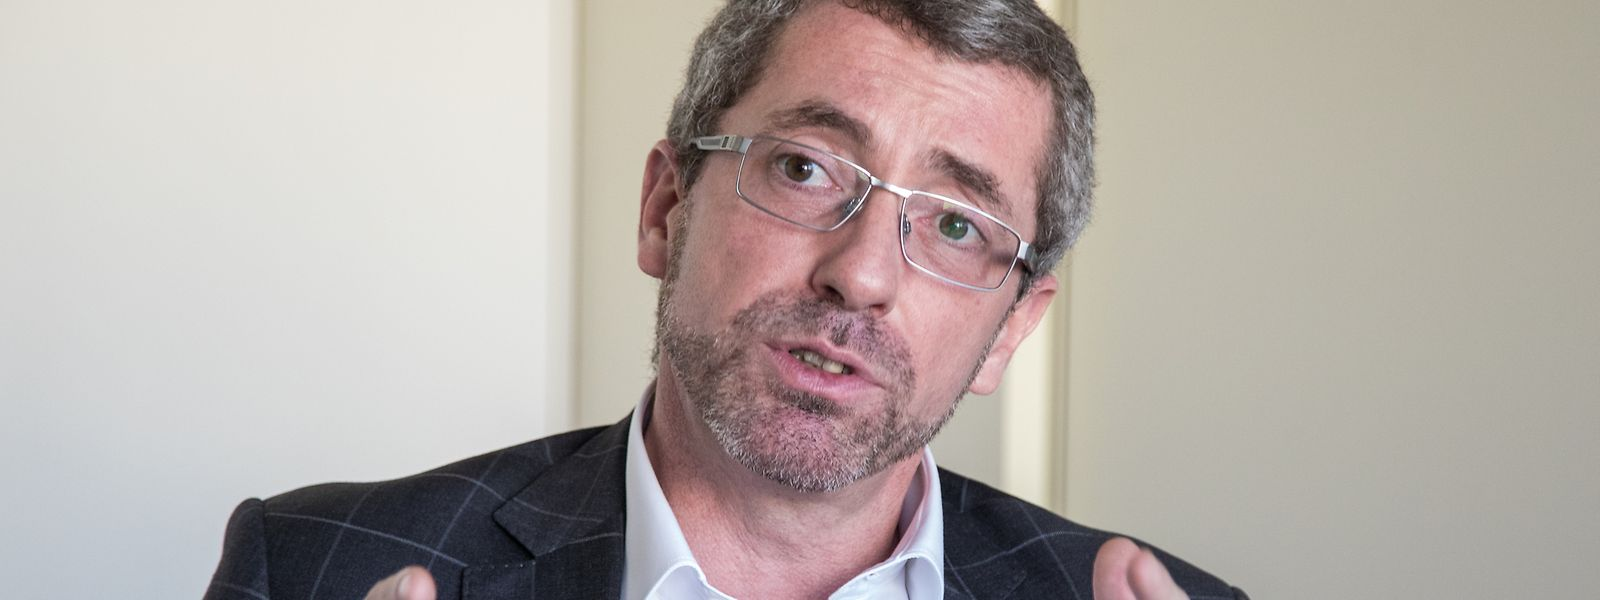 Der Europaabgeordnete Frank Engel hat Interesse am CSV-Vorsitz.